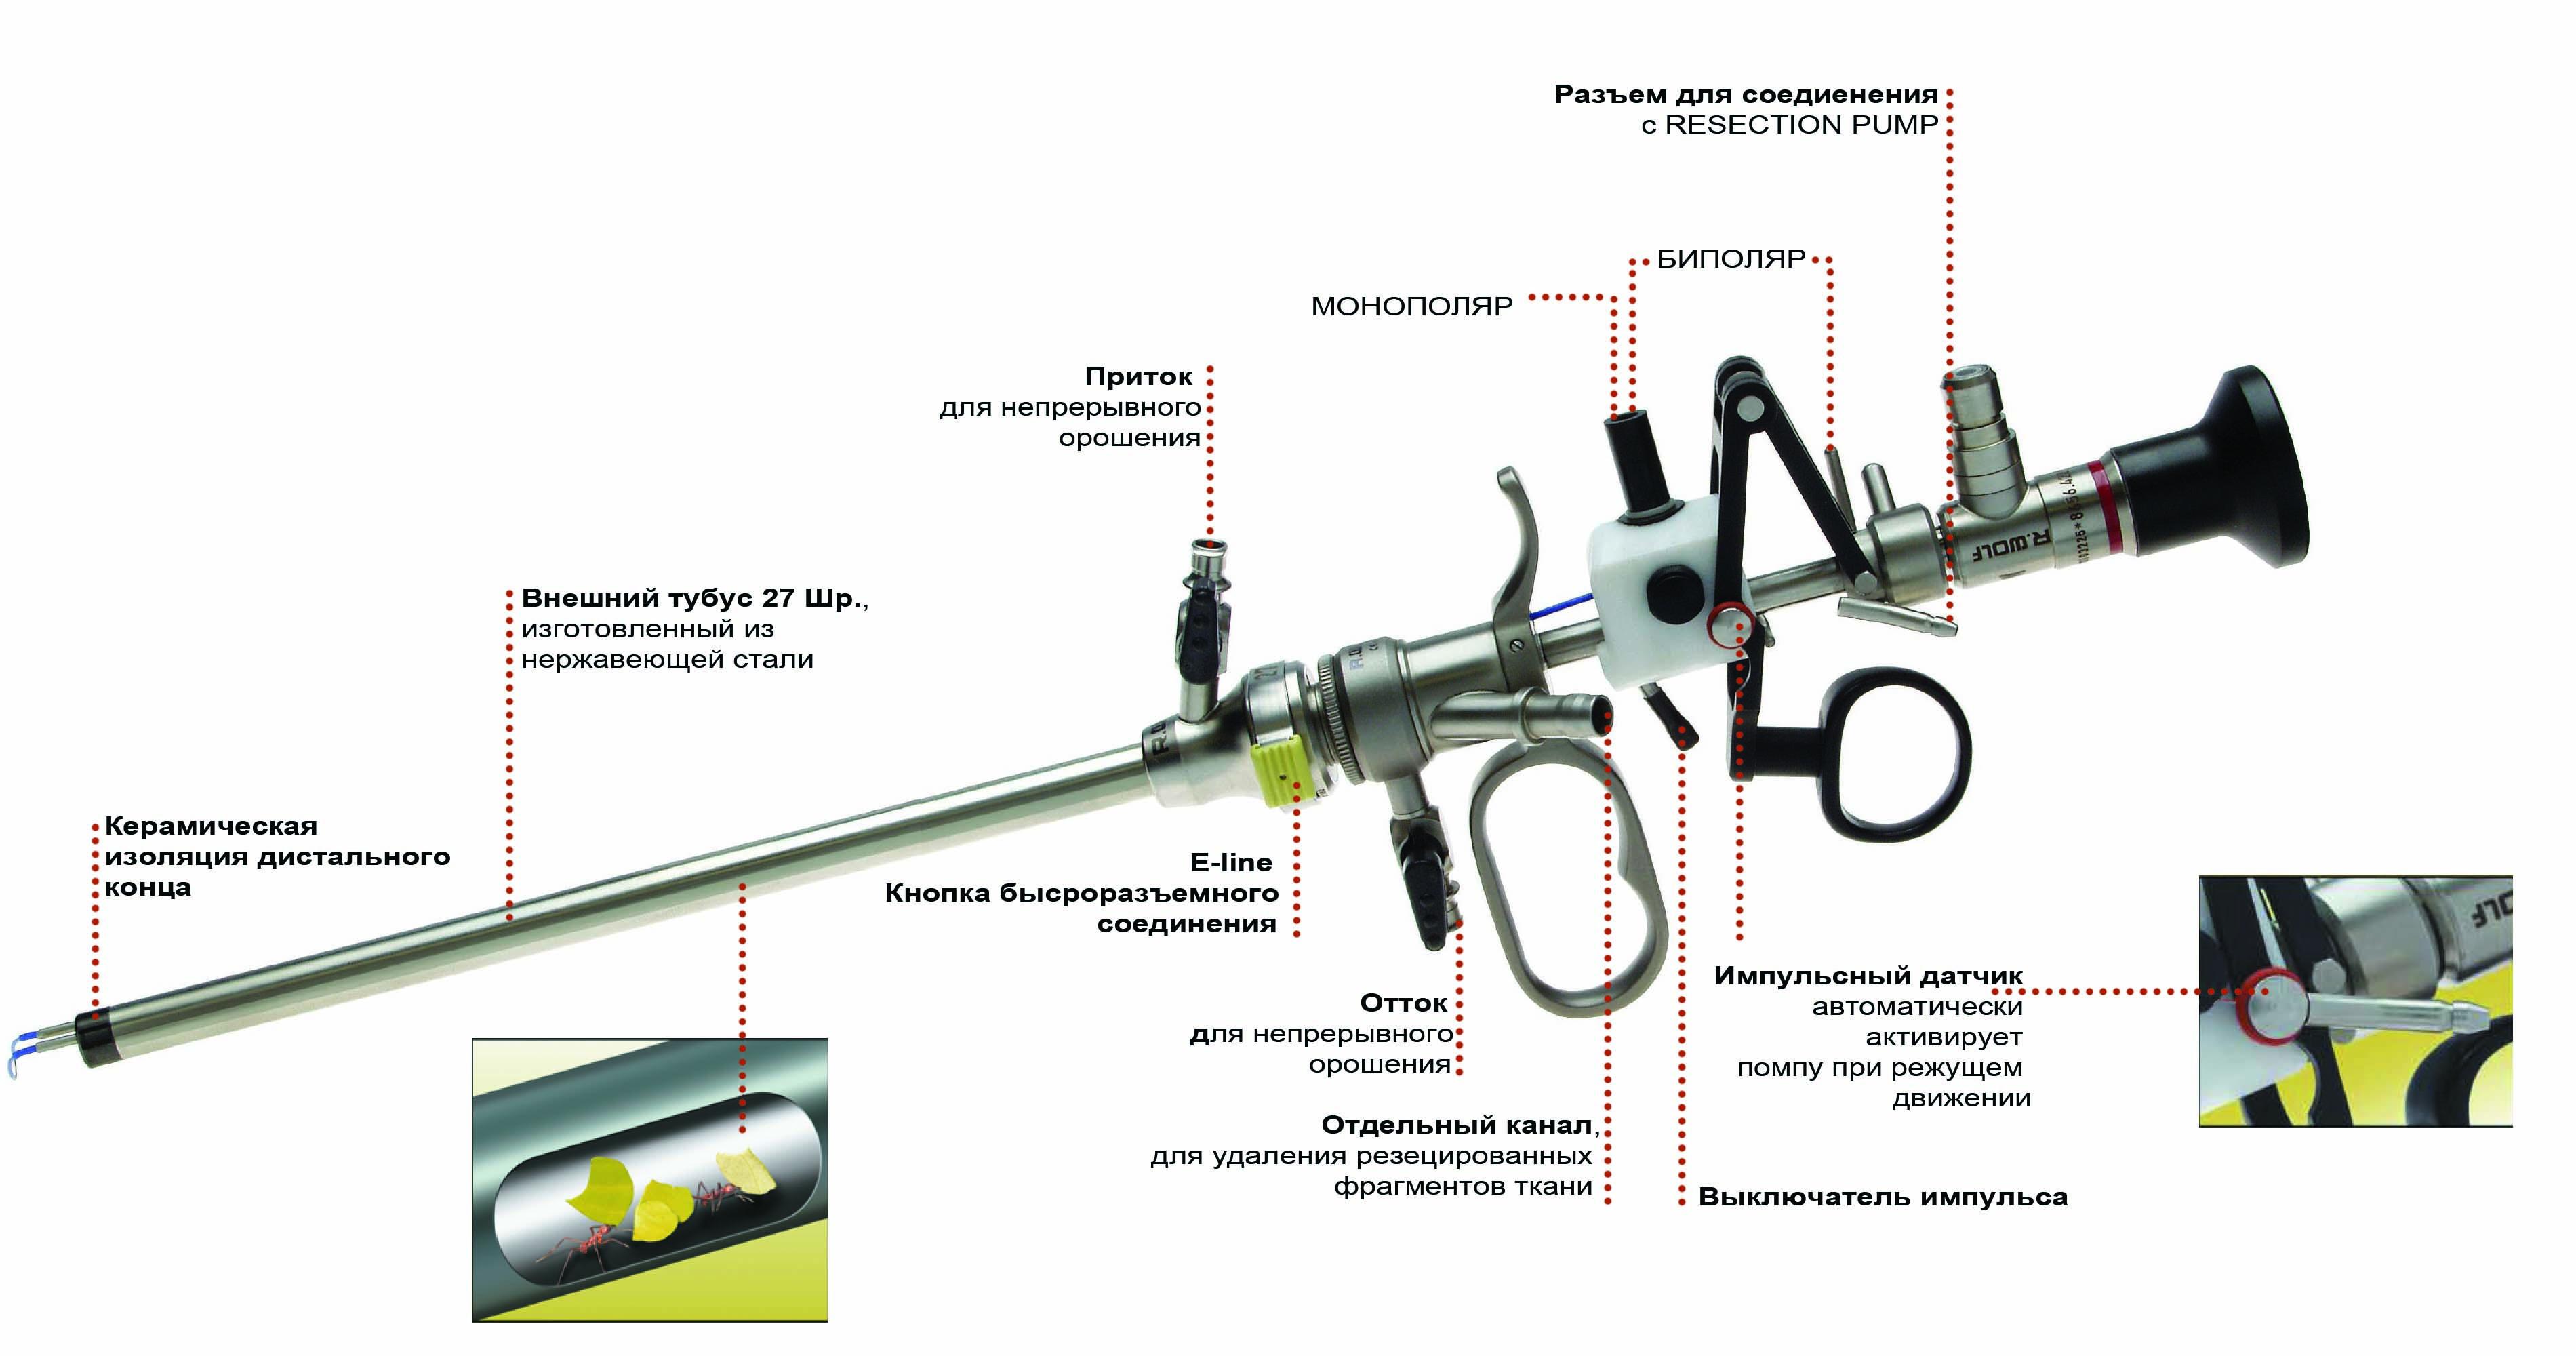 Гистерорезектоскоп автоматическая система аспирации